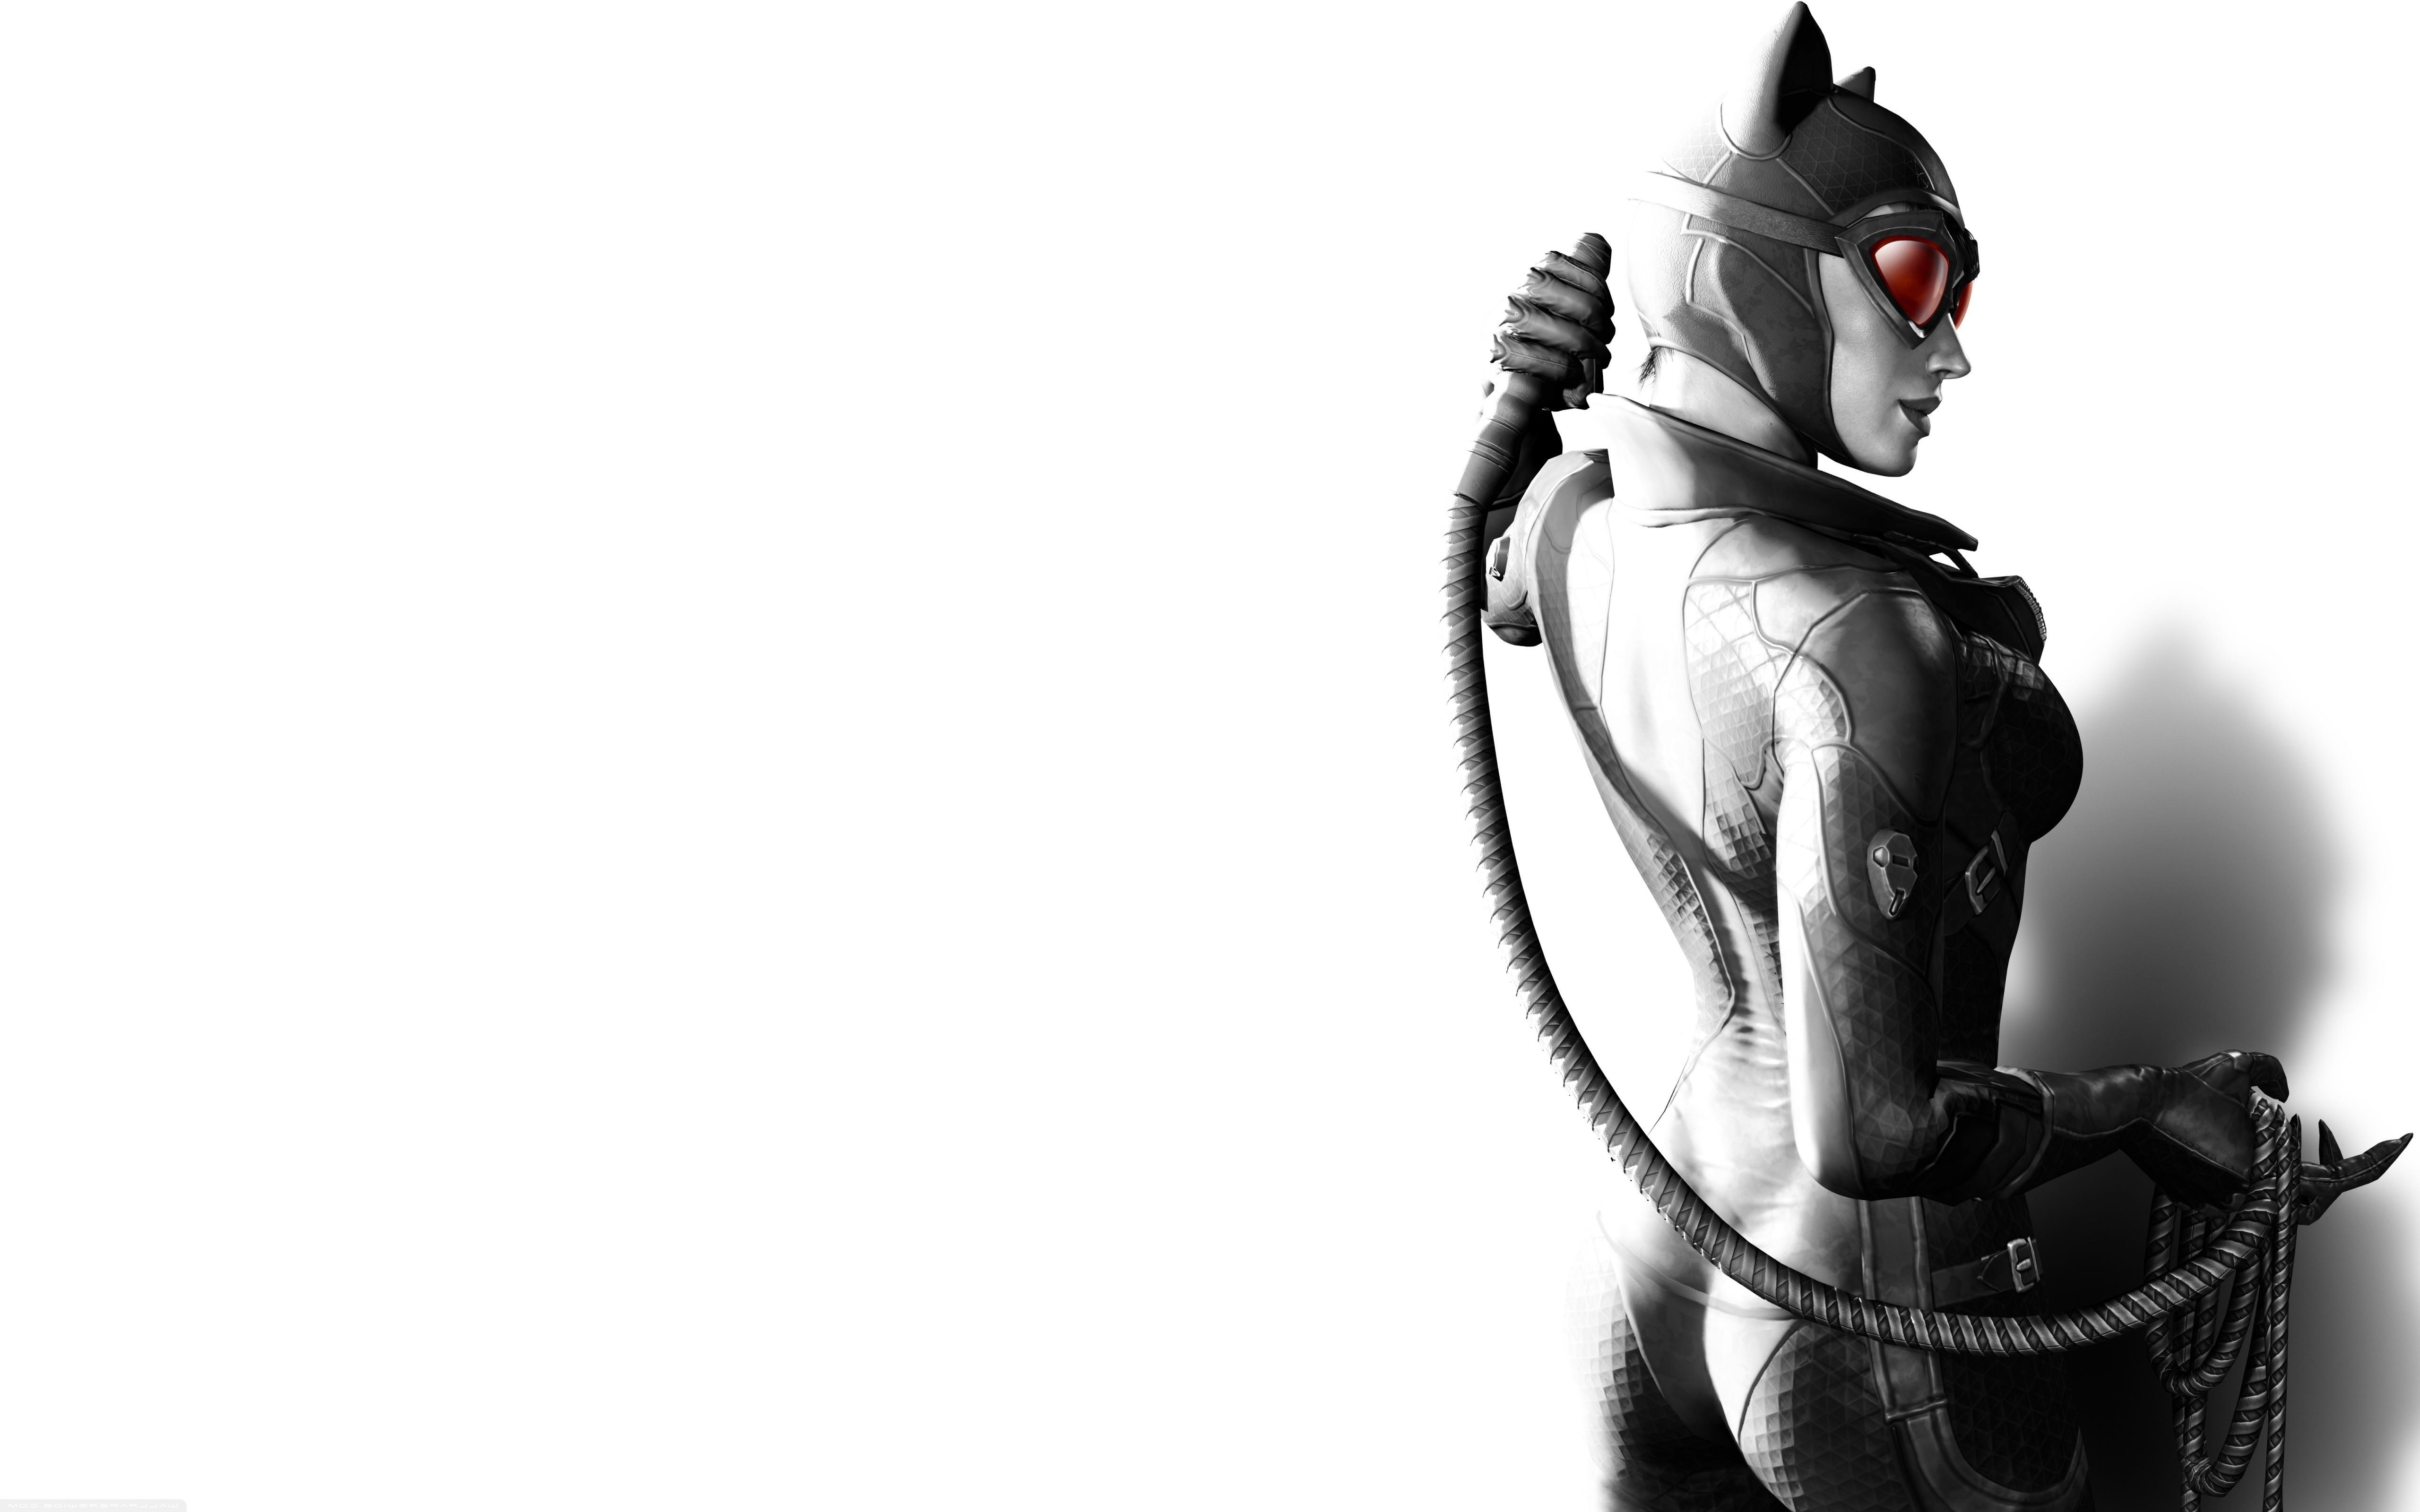 5120x3200 Px Batman Arkham City Catwoman Selina Kyle